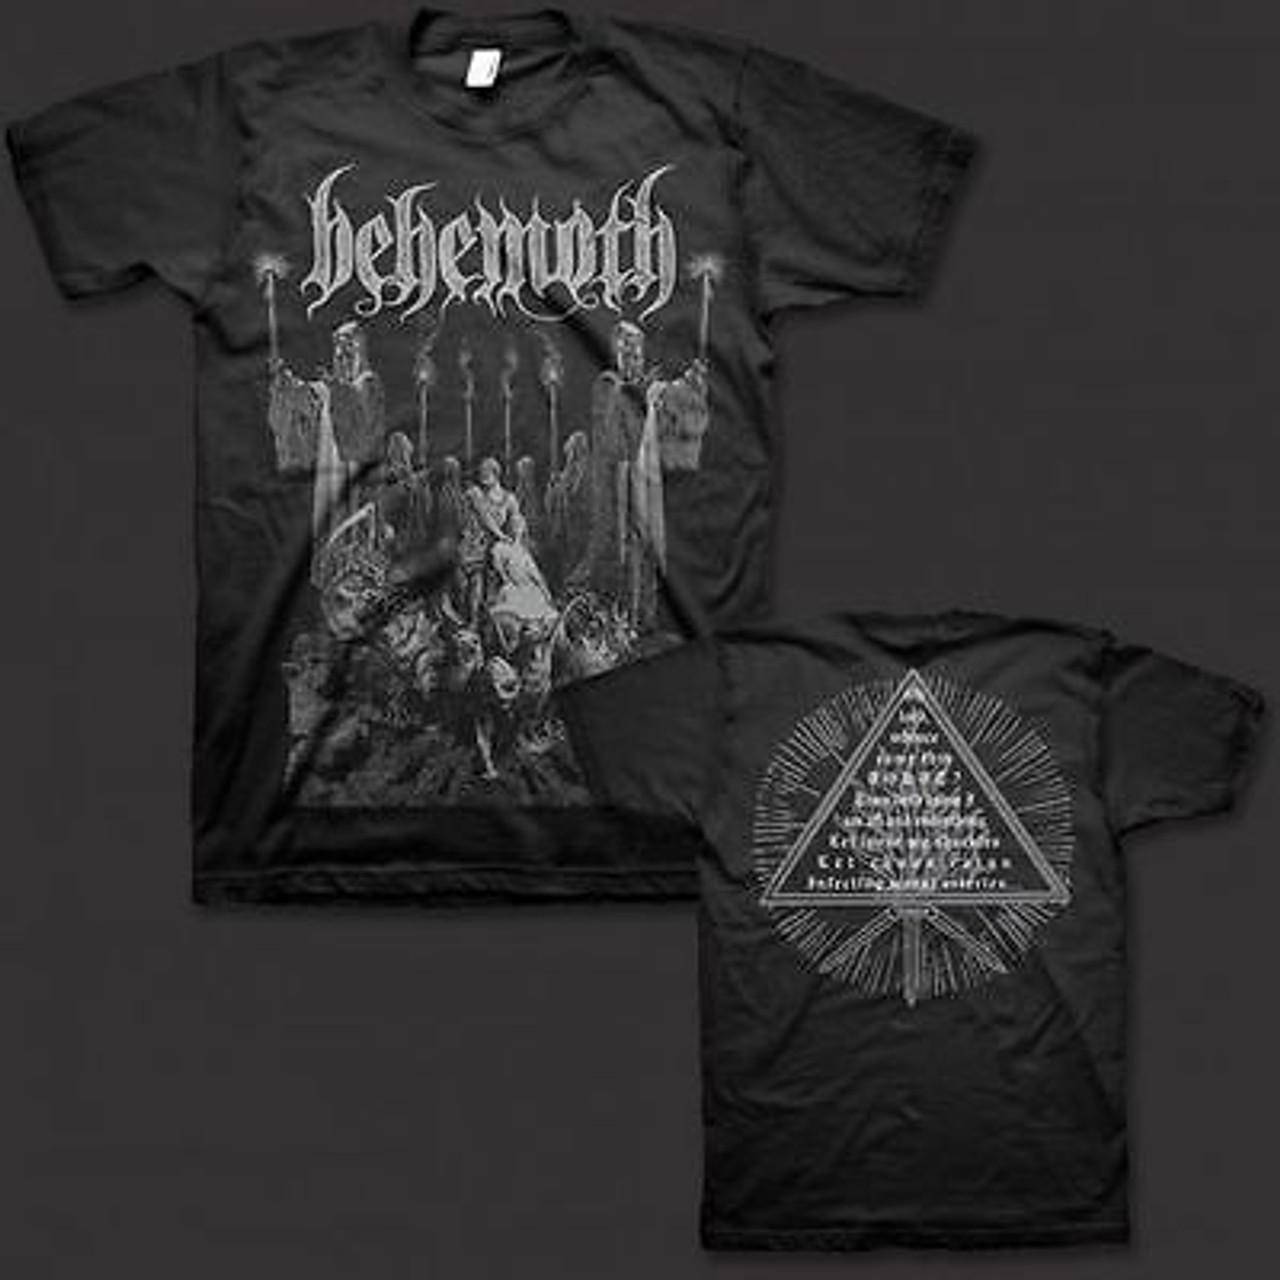 New Behemoth Metal Rock Band Men/'s White T-Shirt Size S-3XL